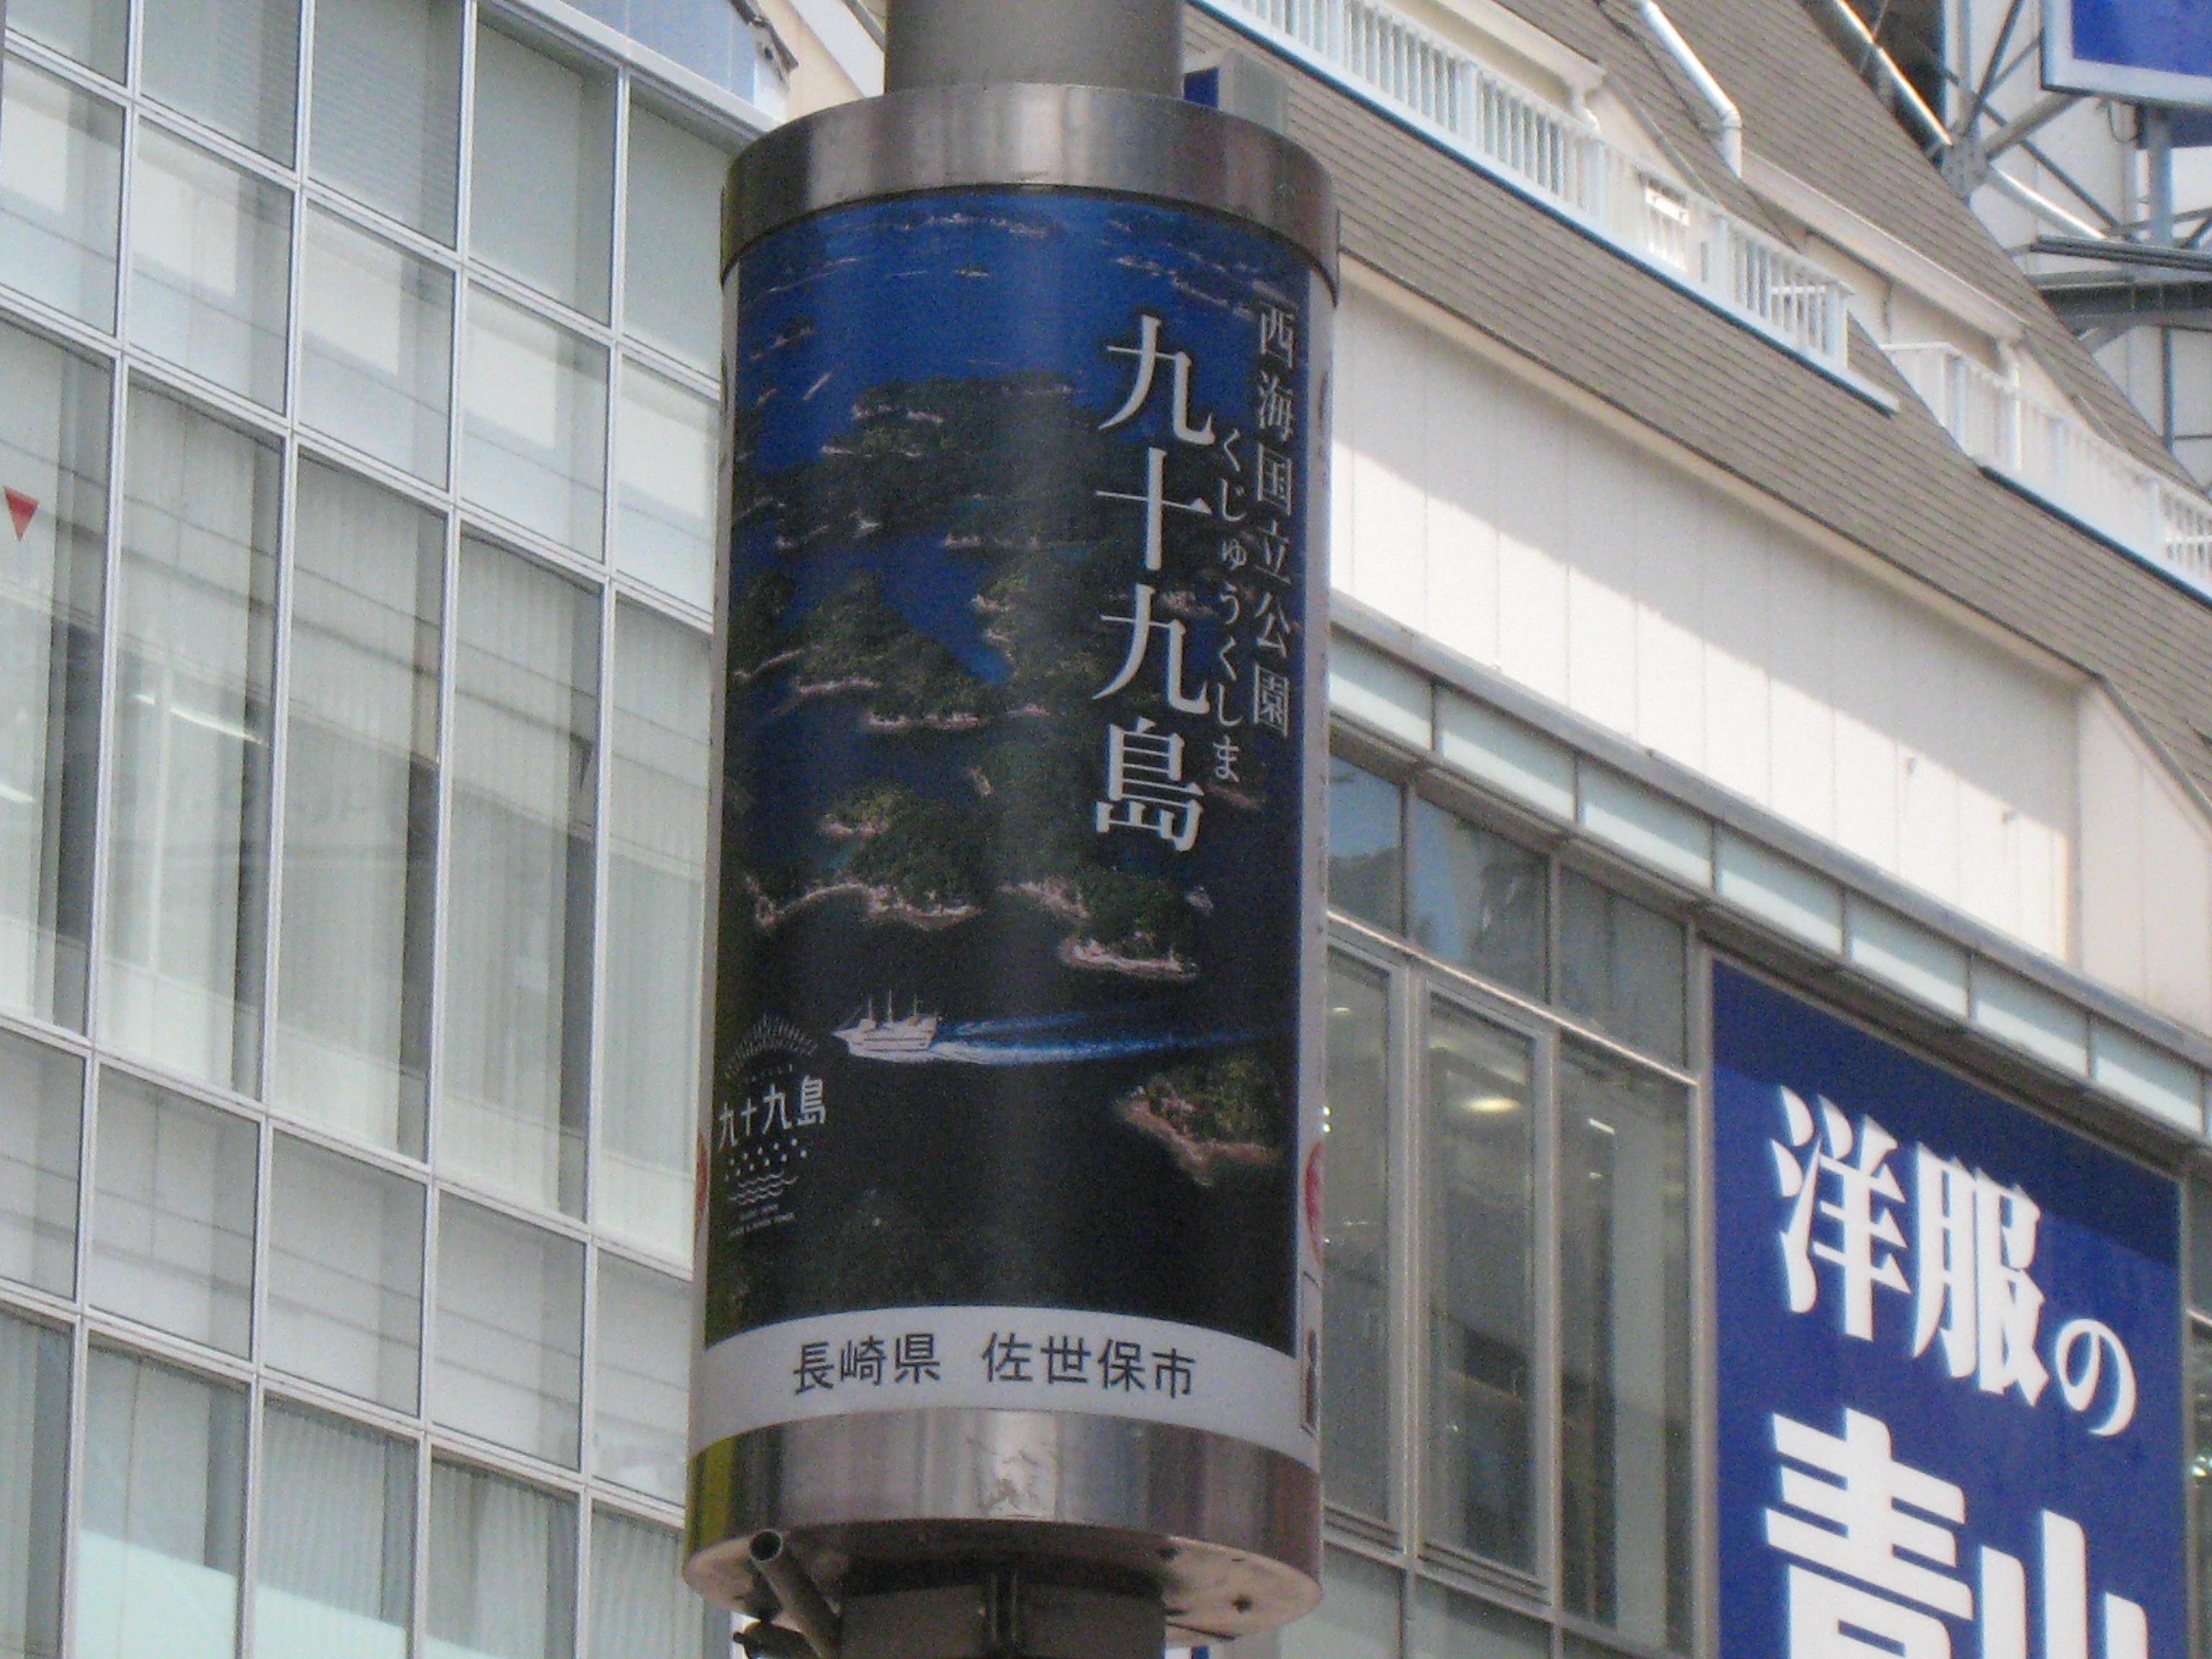 センター街街路灯ライトボックス②(長崎県佐世保市 九十九島).jpg